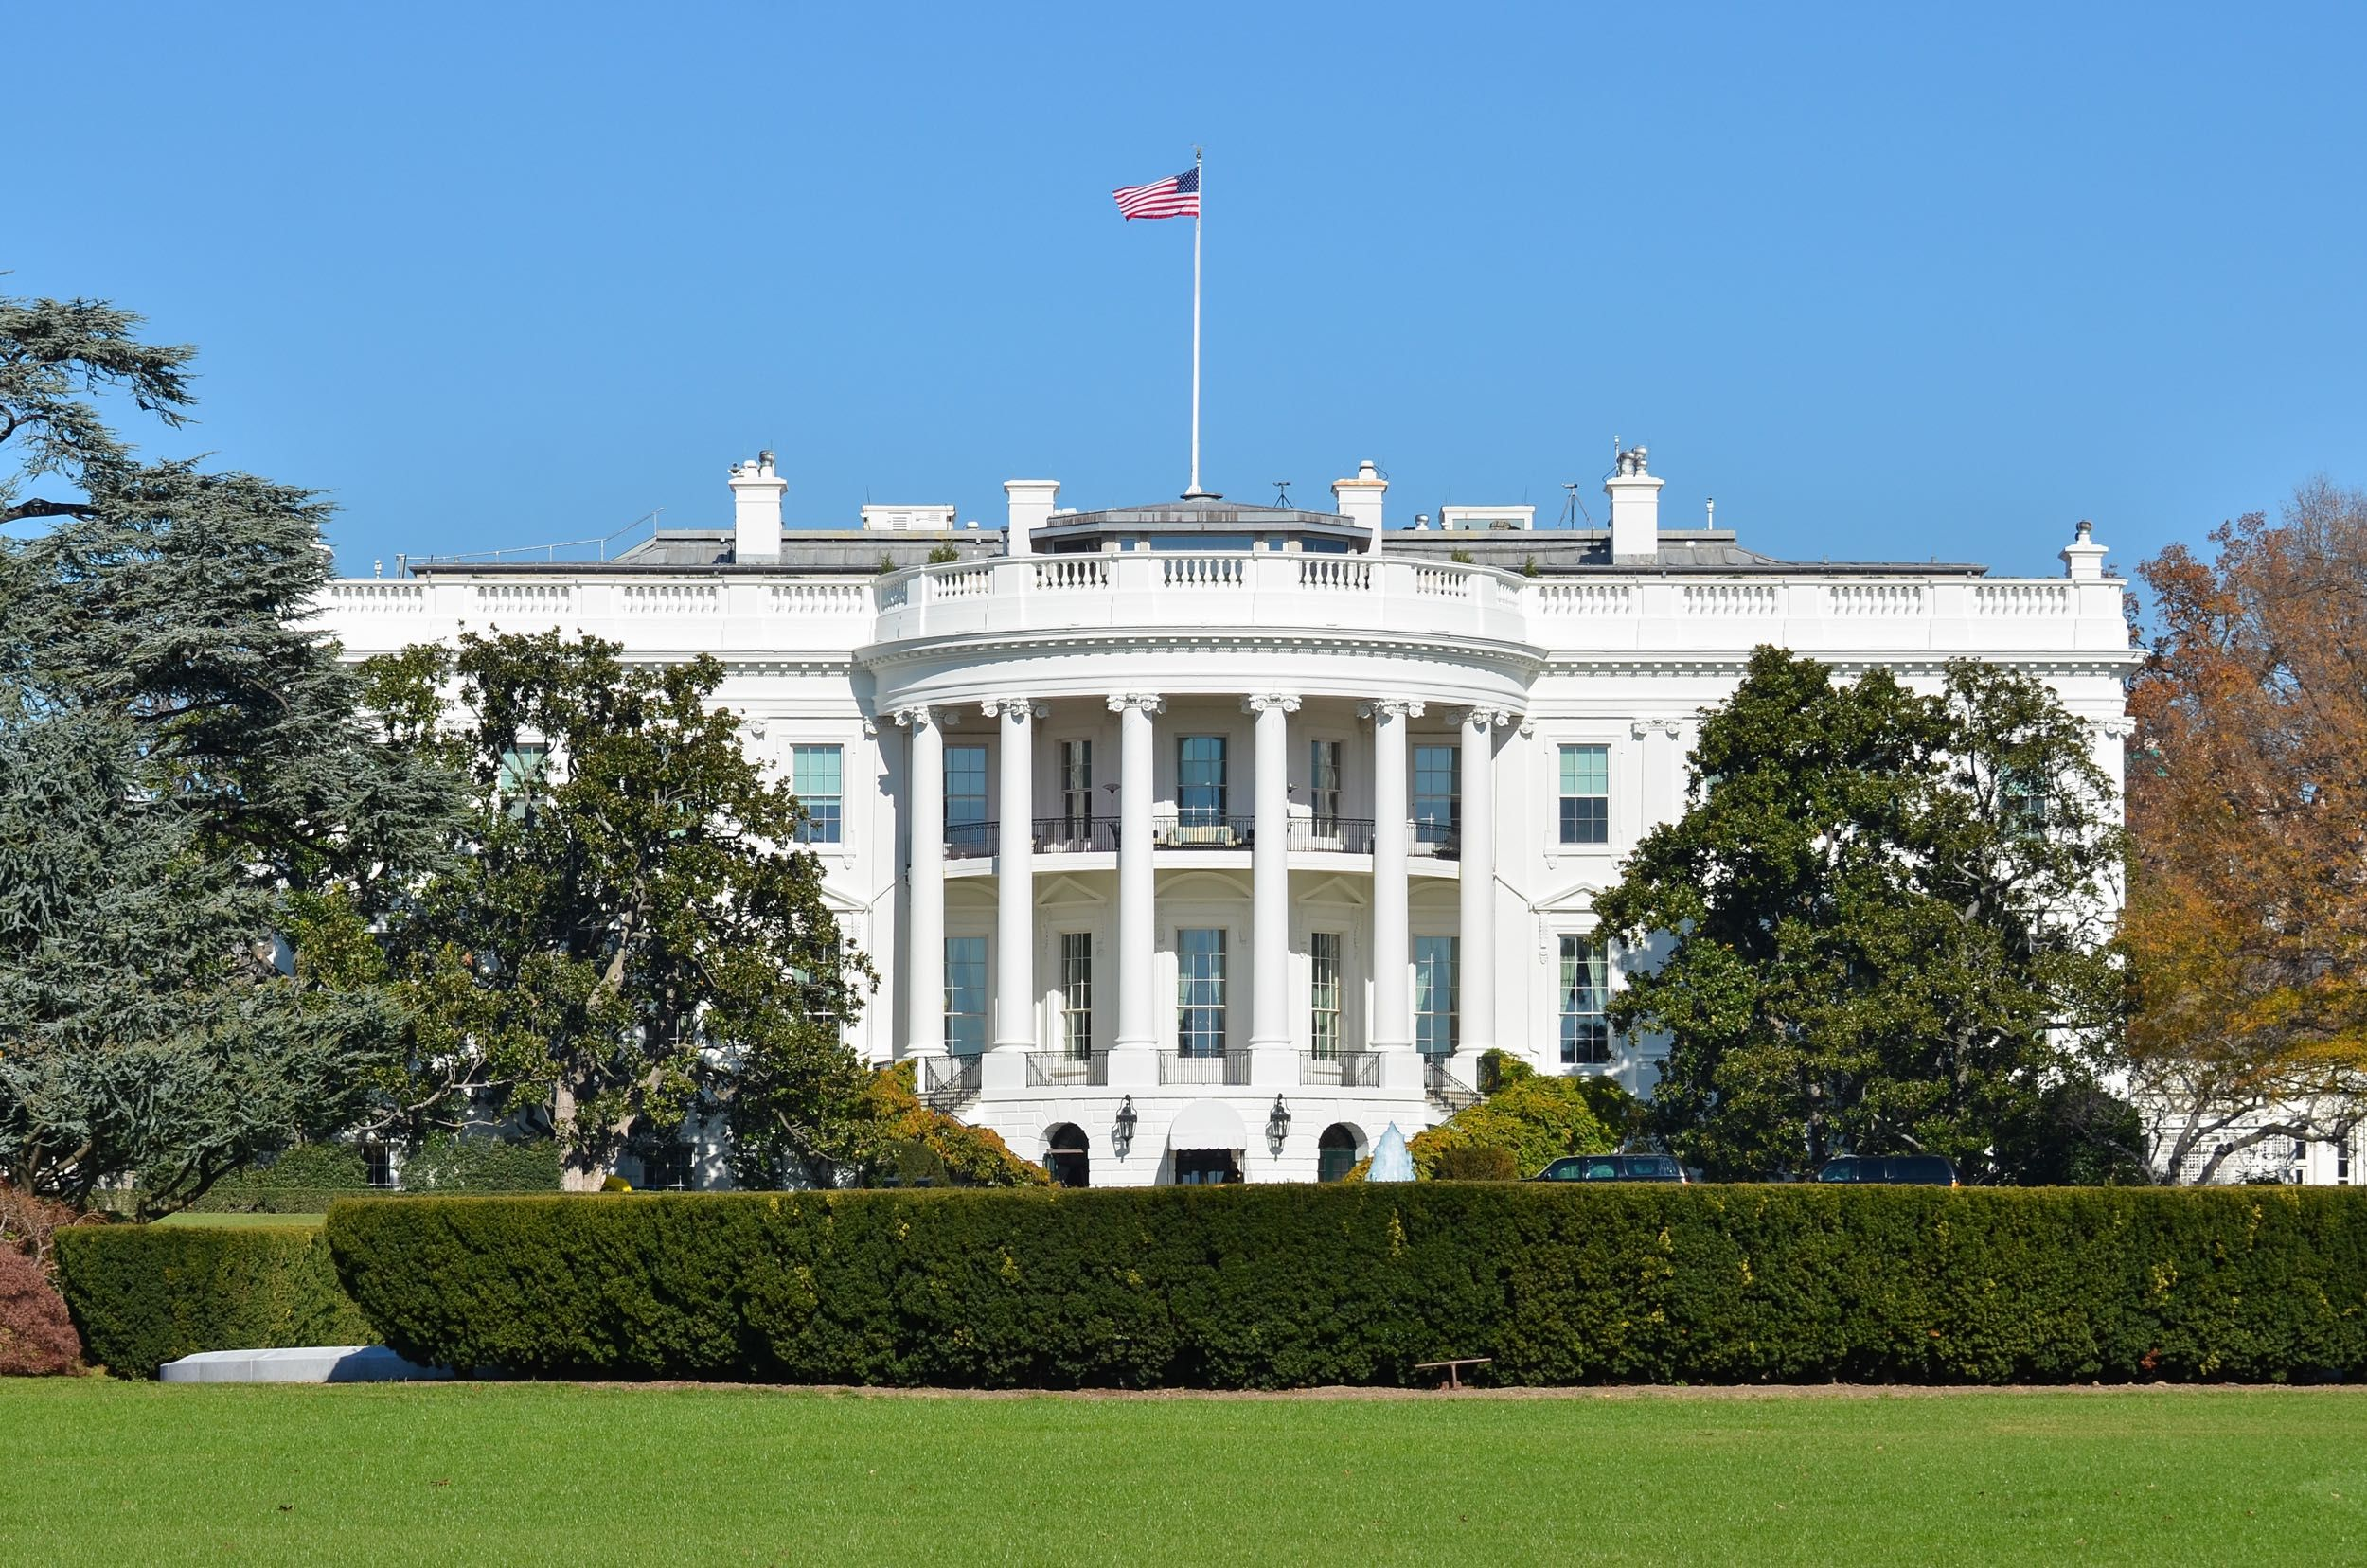 1abdd0f8c098ecd09abdf1a9e6cd755b - How Do I Get Tickets To The White House Tour